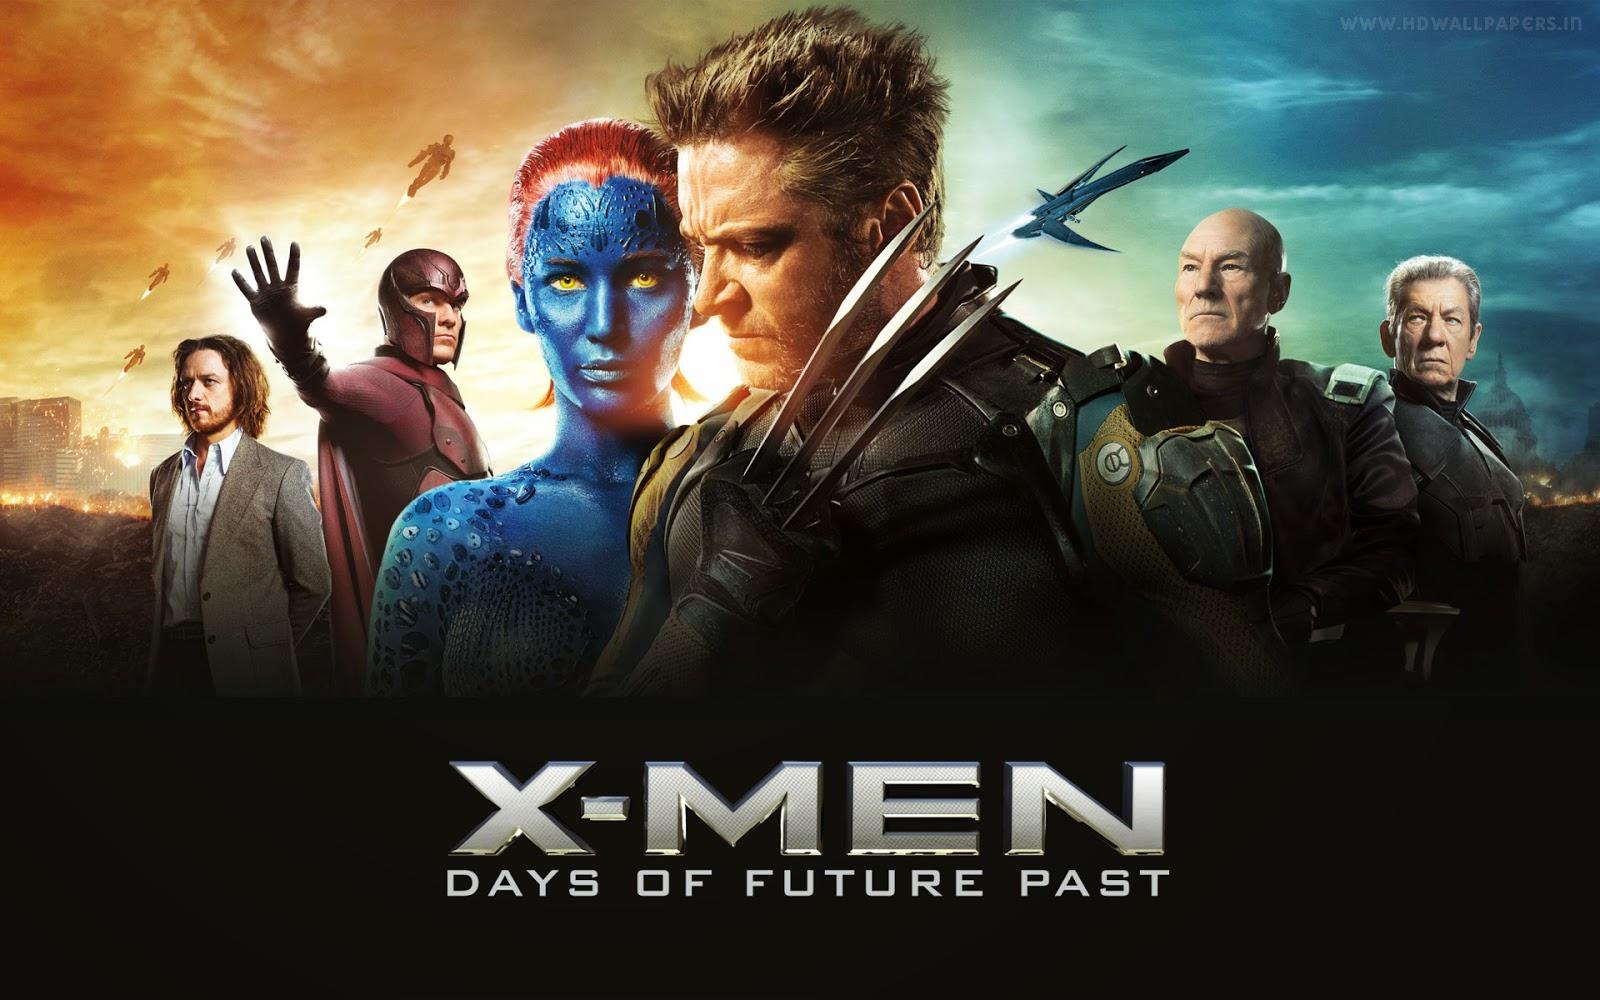 X-Men: Days of Future Past (2014) Merubah Sejarah